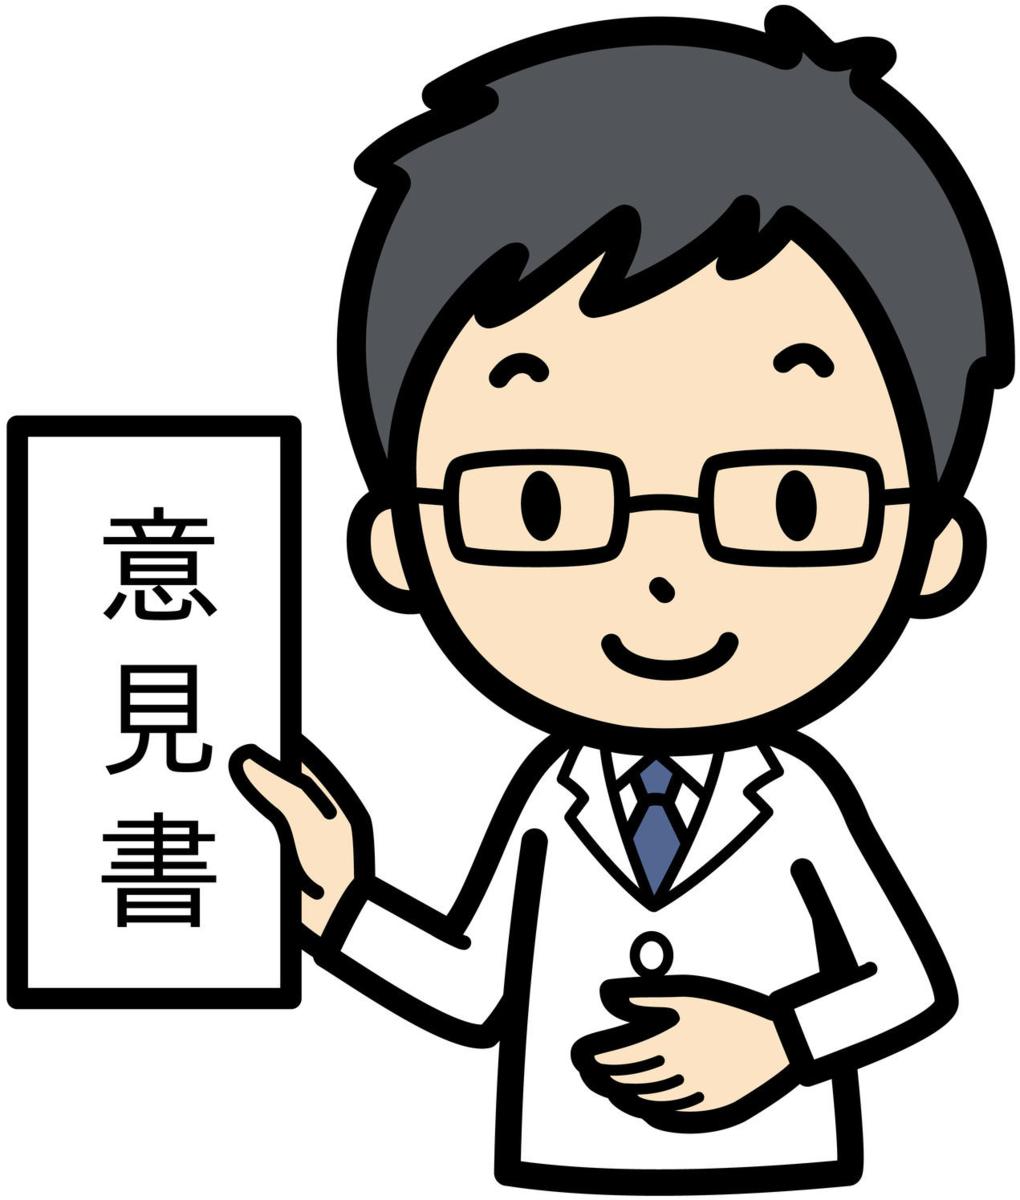 f:id:maple-enkyorikaigo:20210617213729p:plain